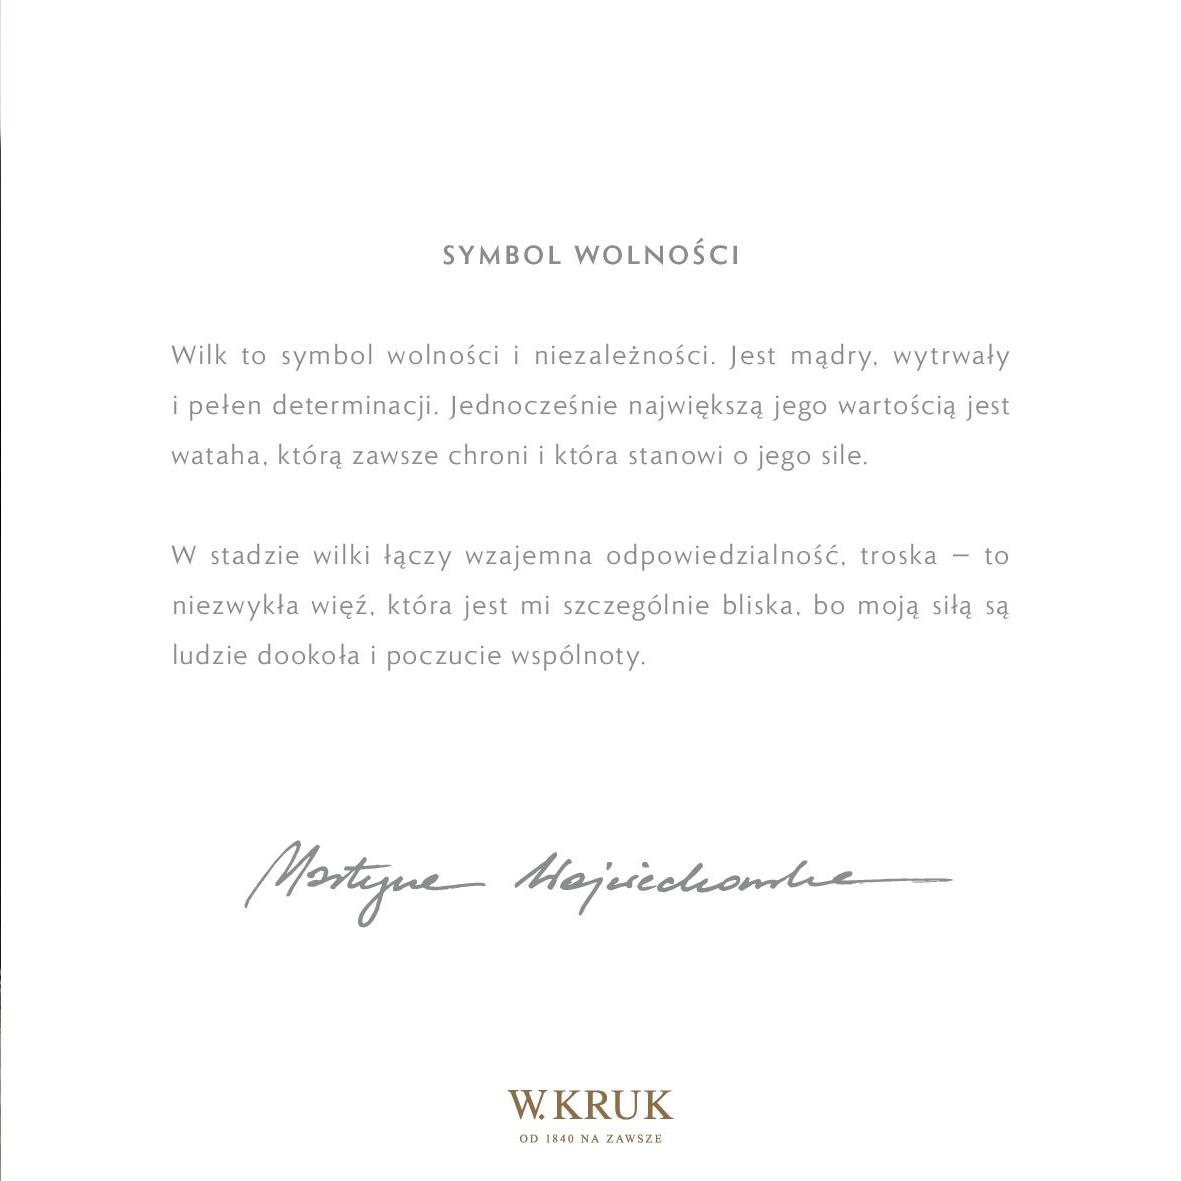 Gazetka W. KRUK: Katalog - Freedom Wolf 2021-02-17 page-19